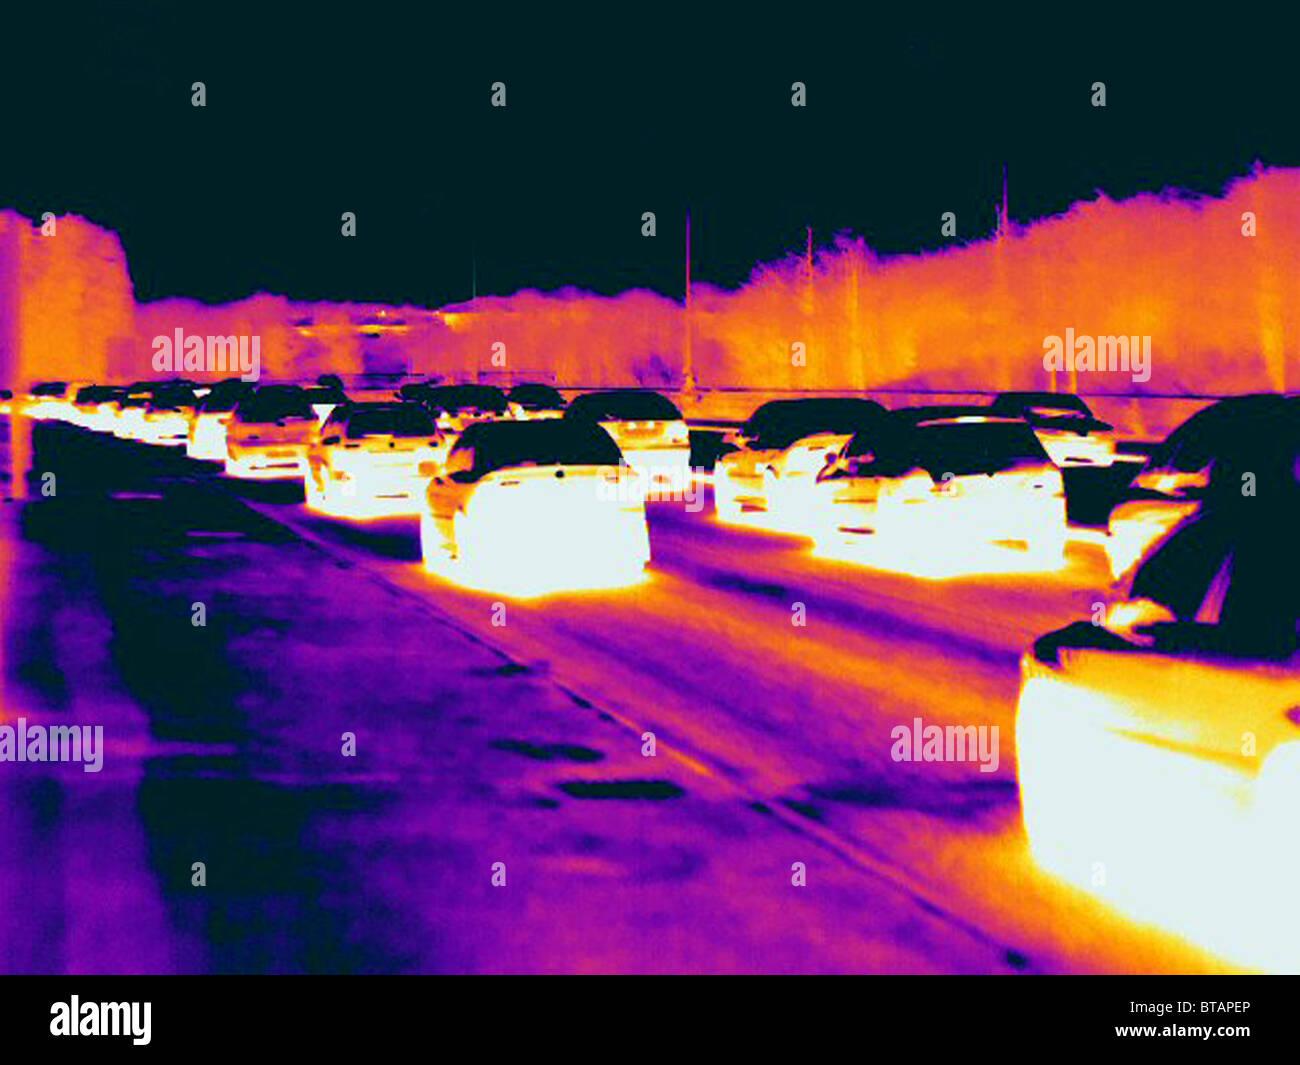 Immagine termica di un ingorgo Immagini Stock